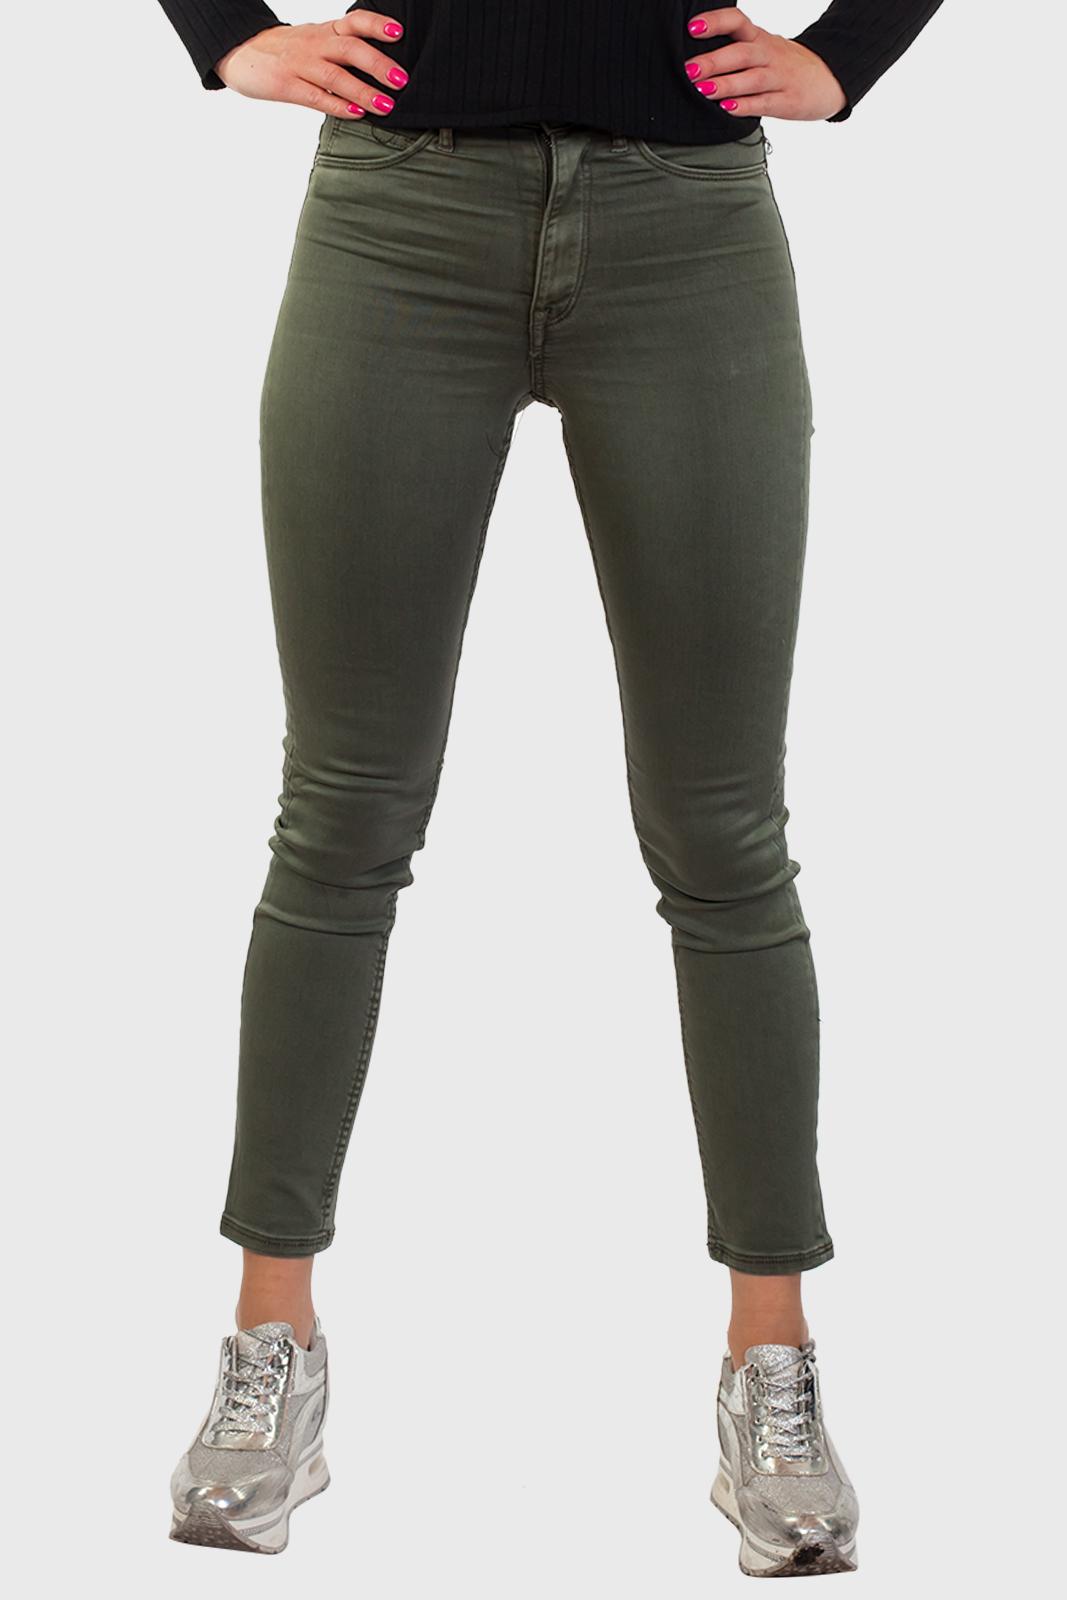 Заказать женские джинсы-стрейч от DENIM (Турция)